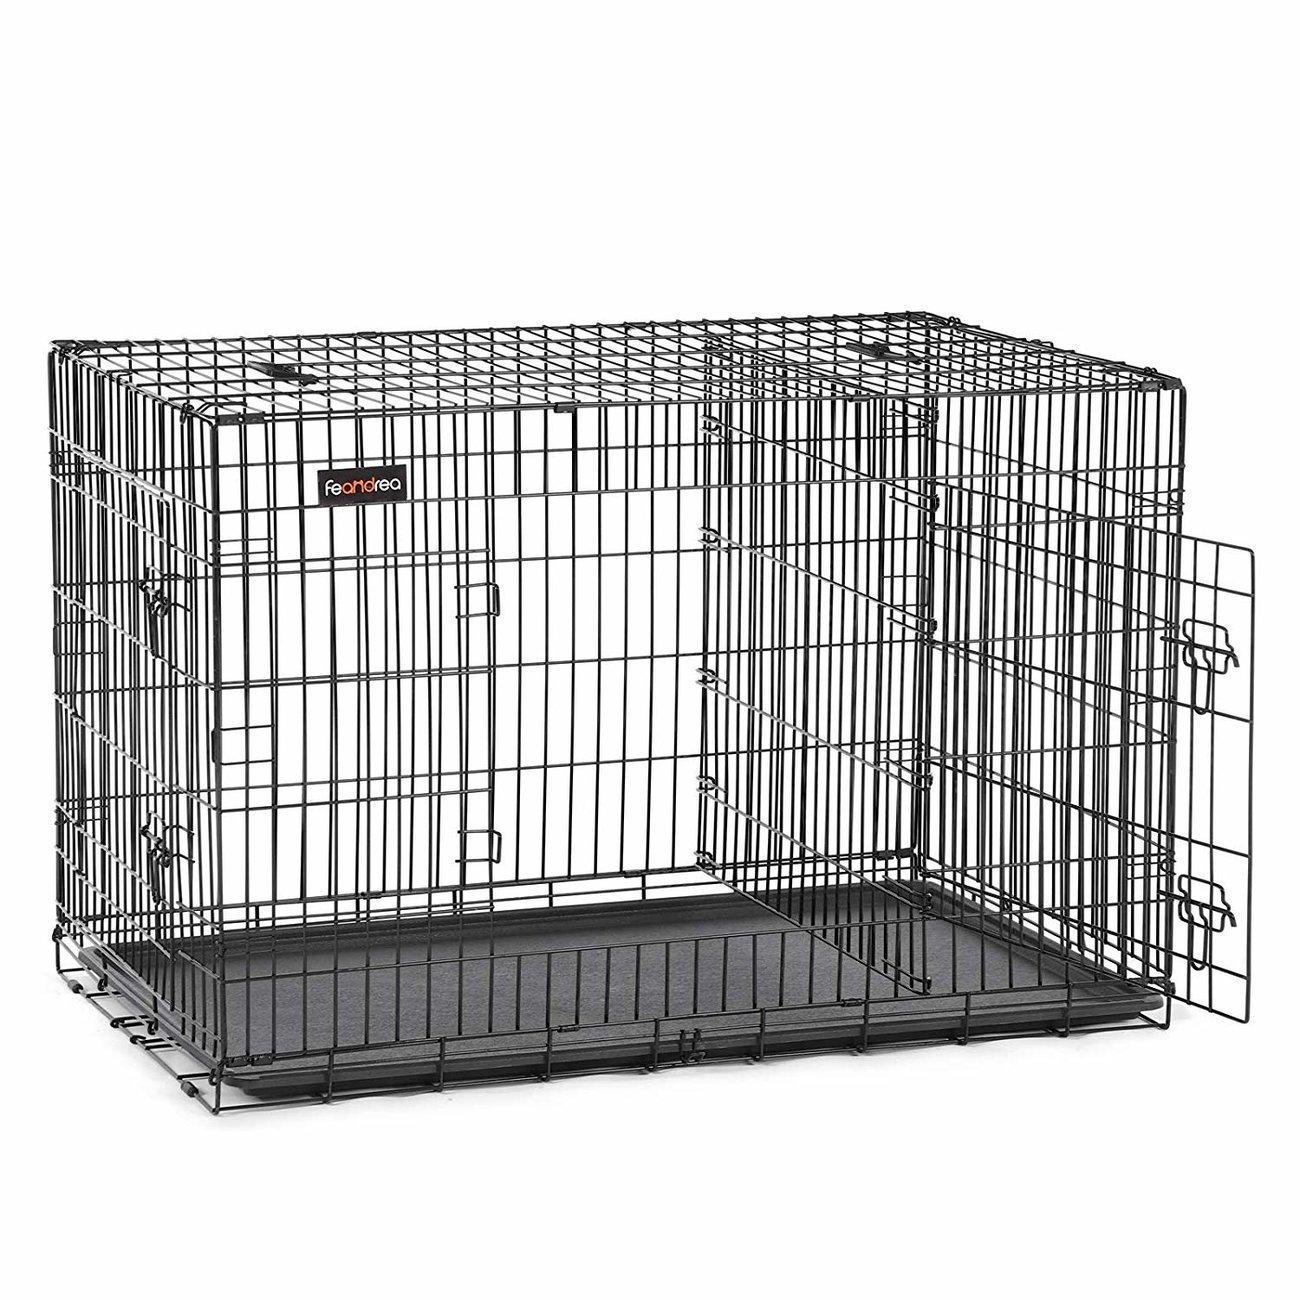 FEANDREA Hundekäfig, Hundebox mit Trennwand, 2 Türen